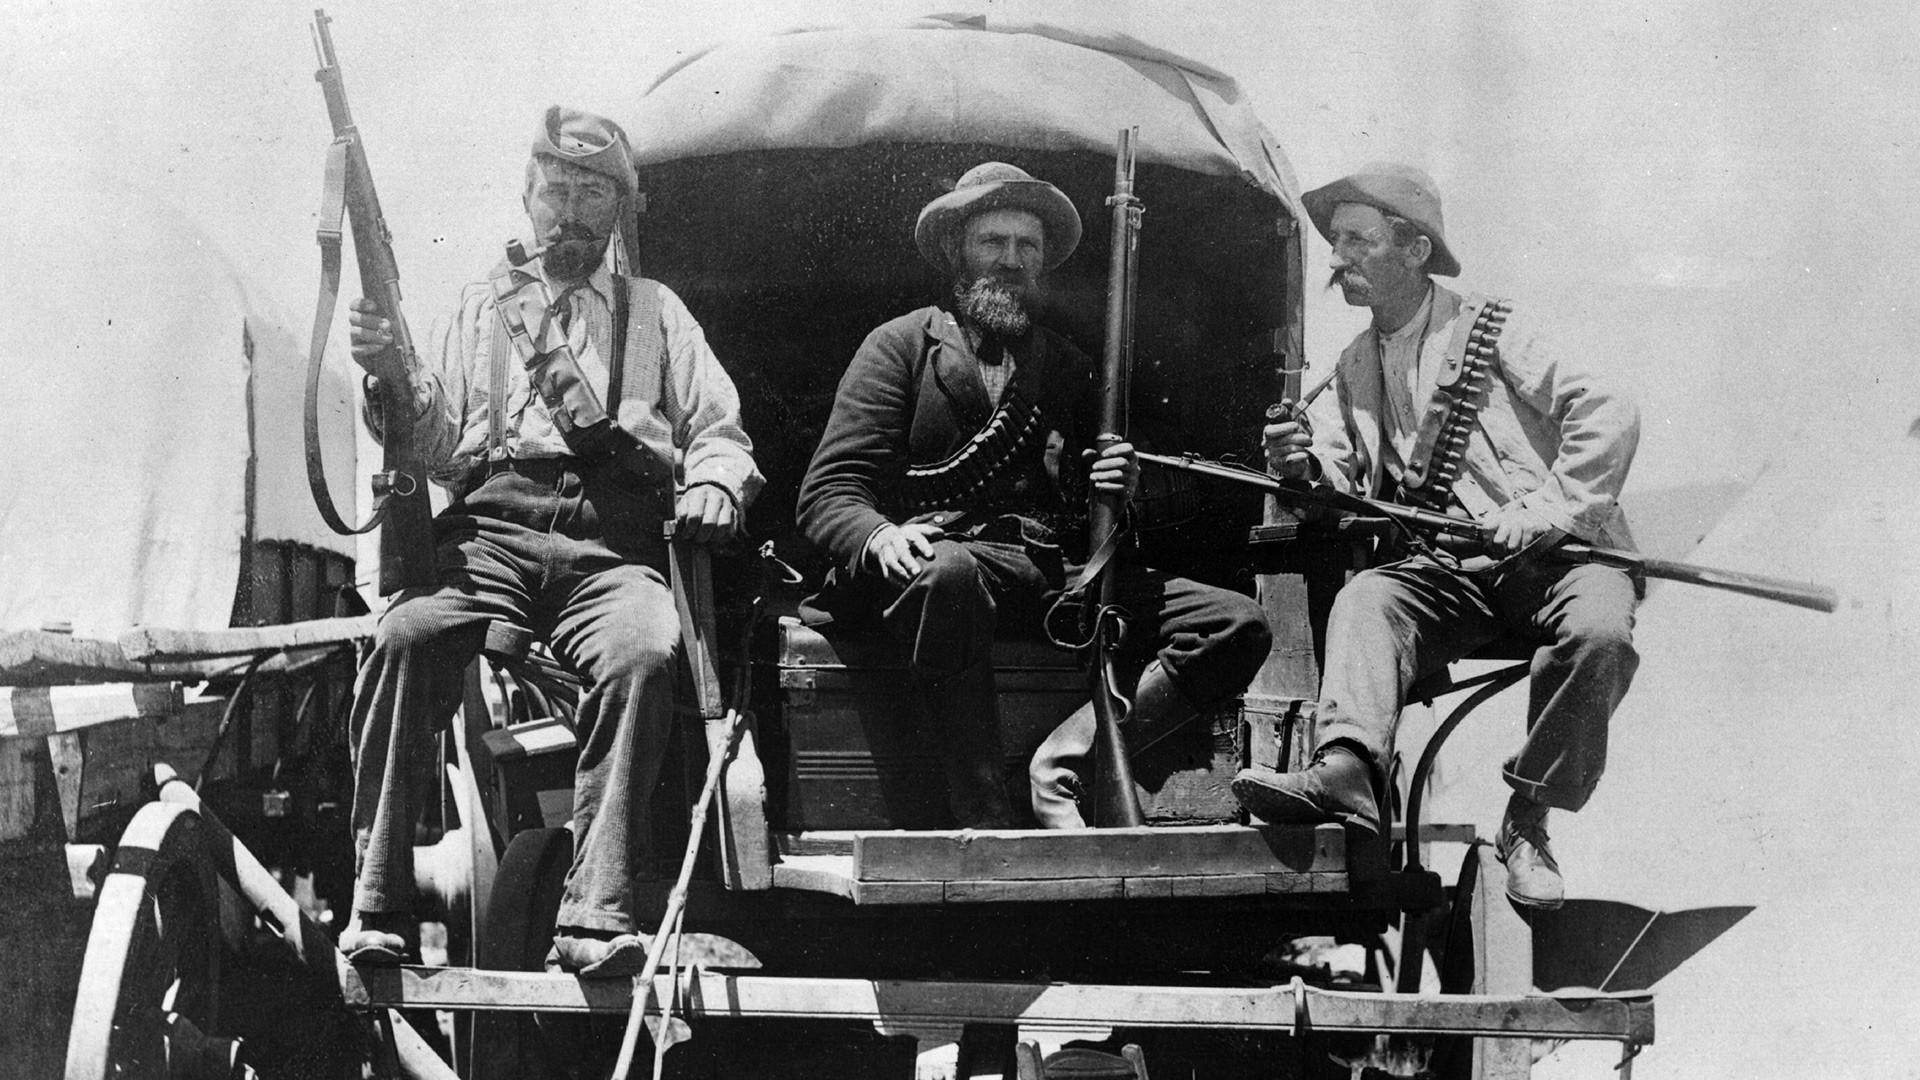 Африканери са пушкама у вагону за време Другог бурског рата.